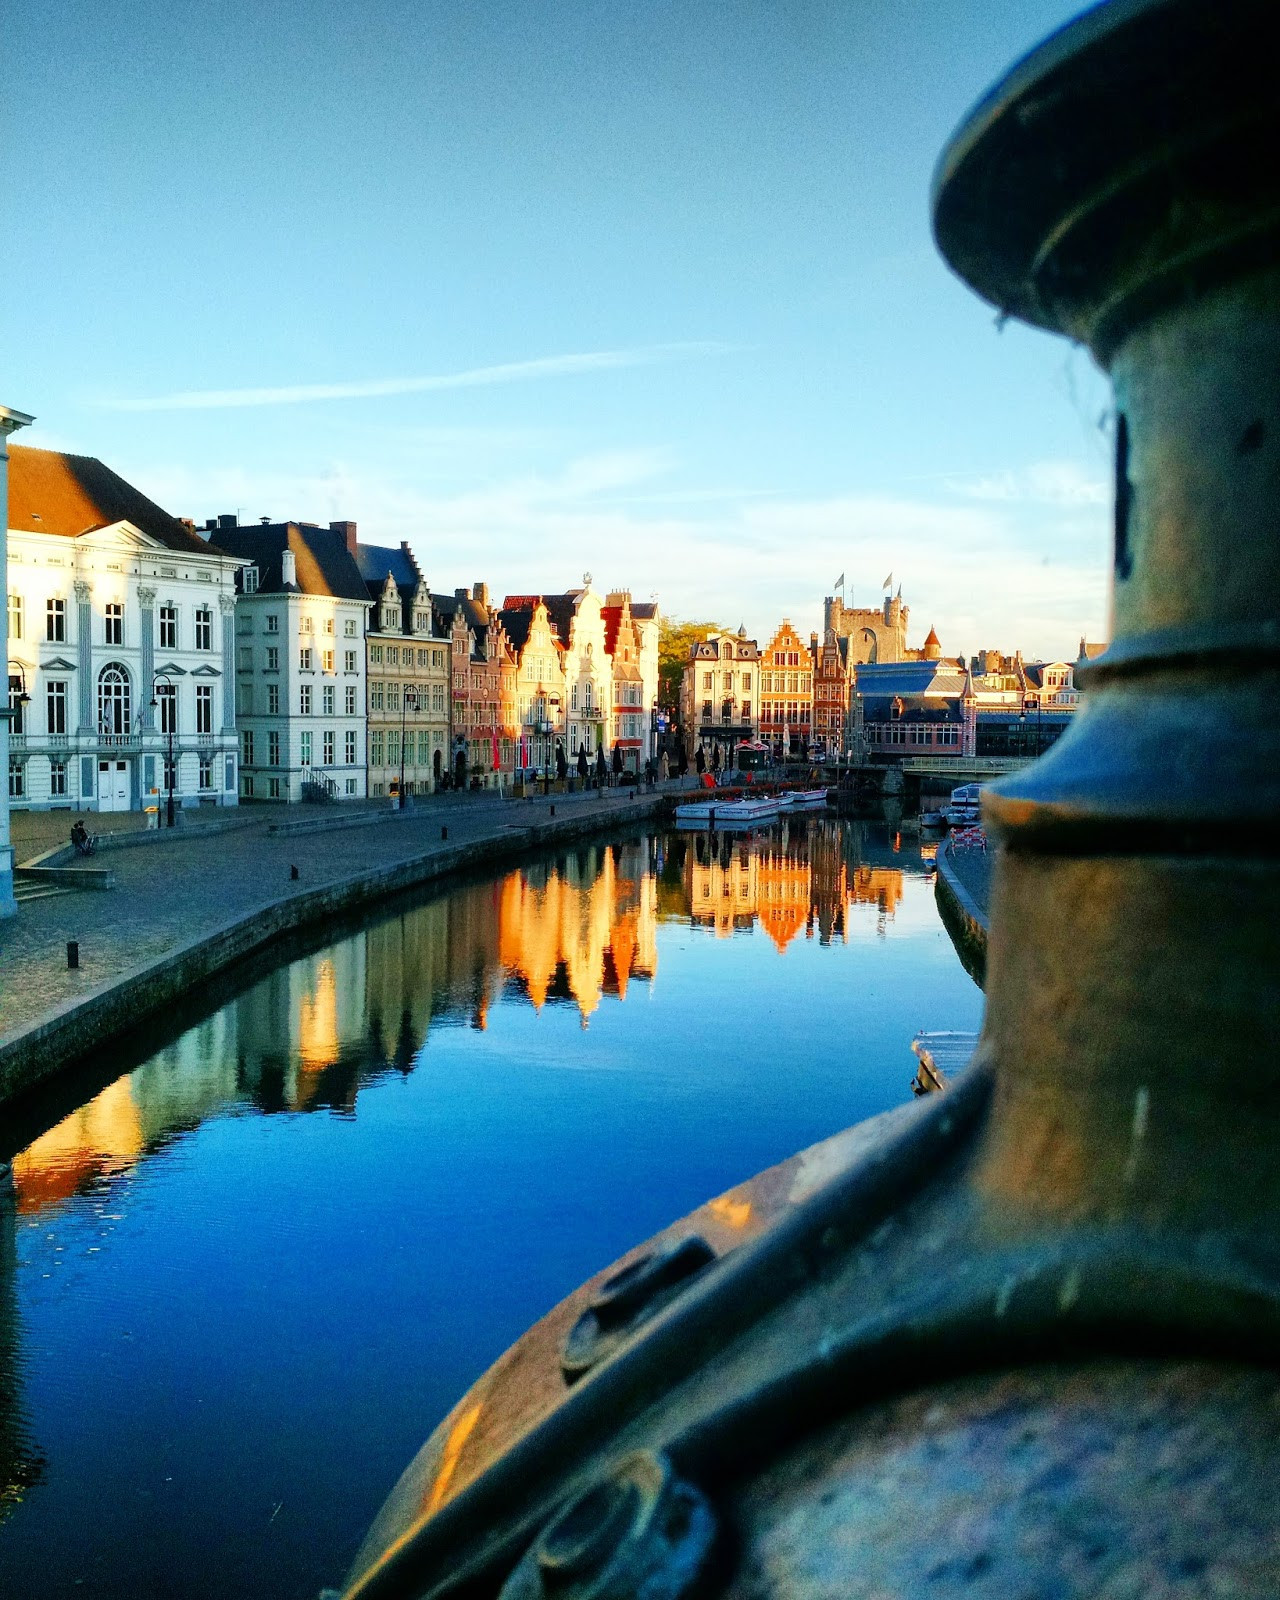 Le Chameau Bleu - Escapade à  Gand - Belgique